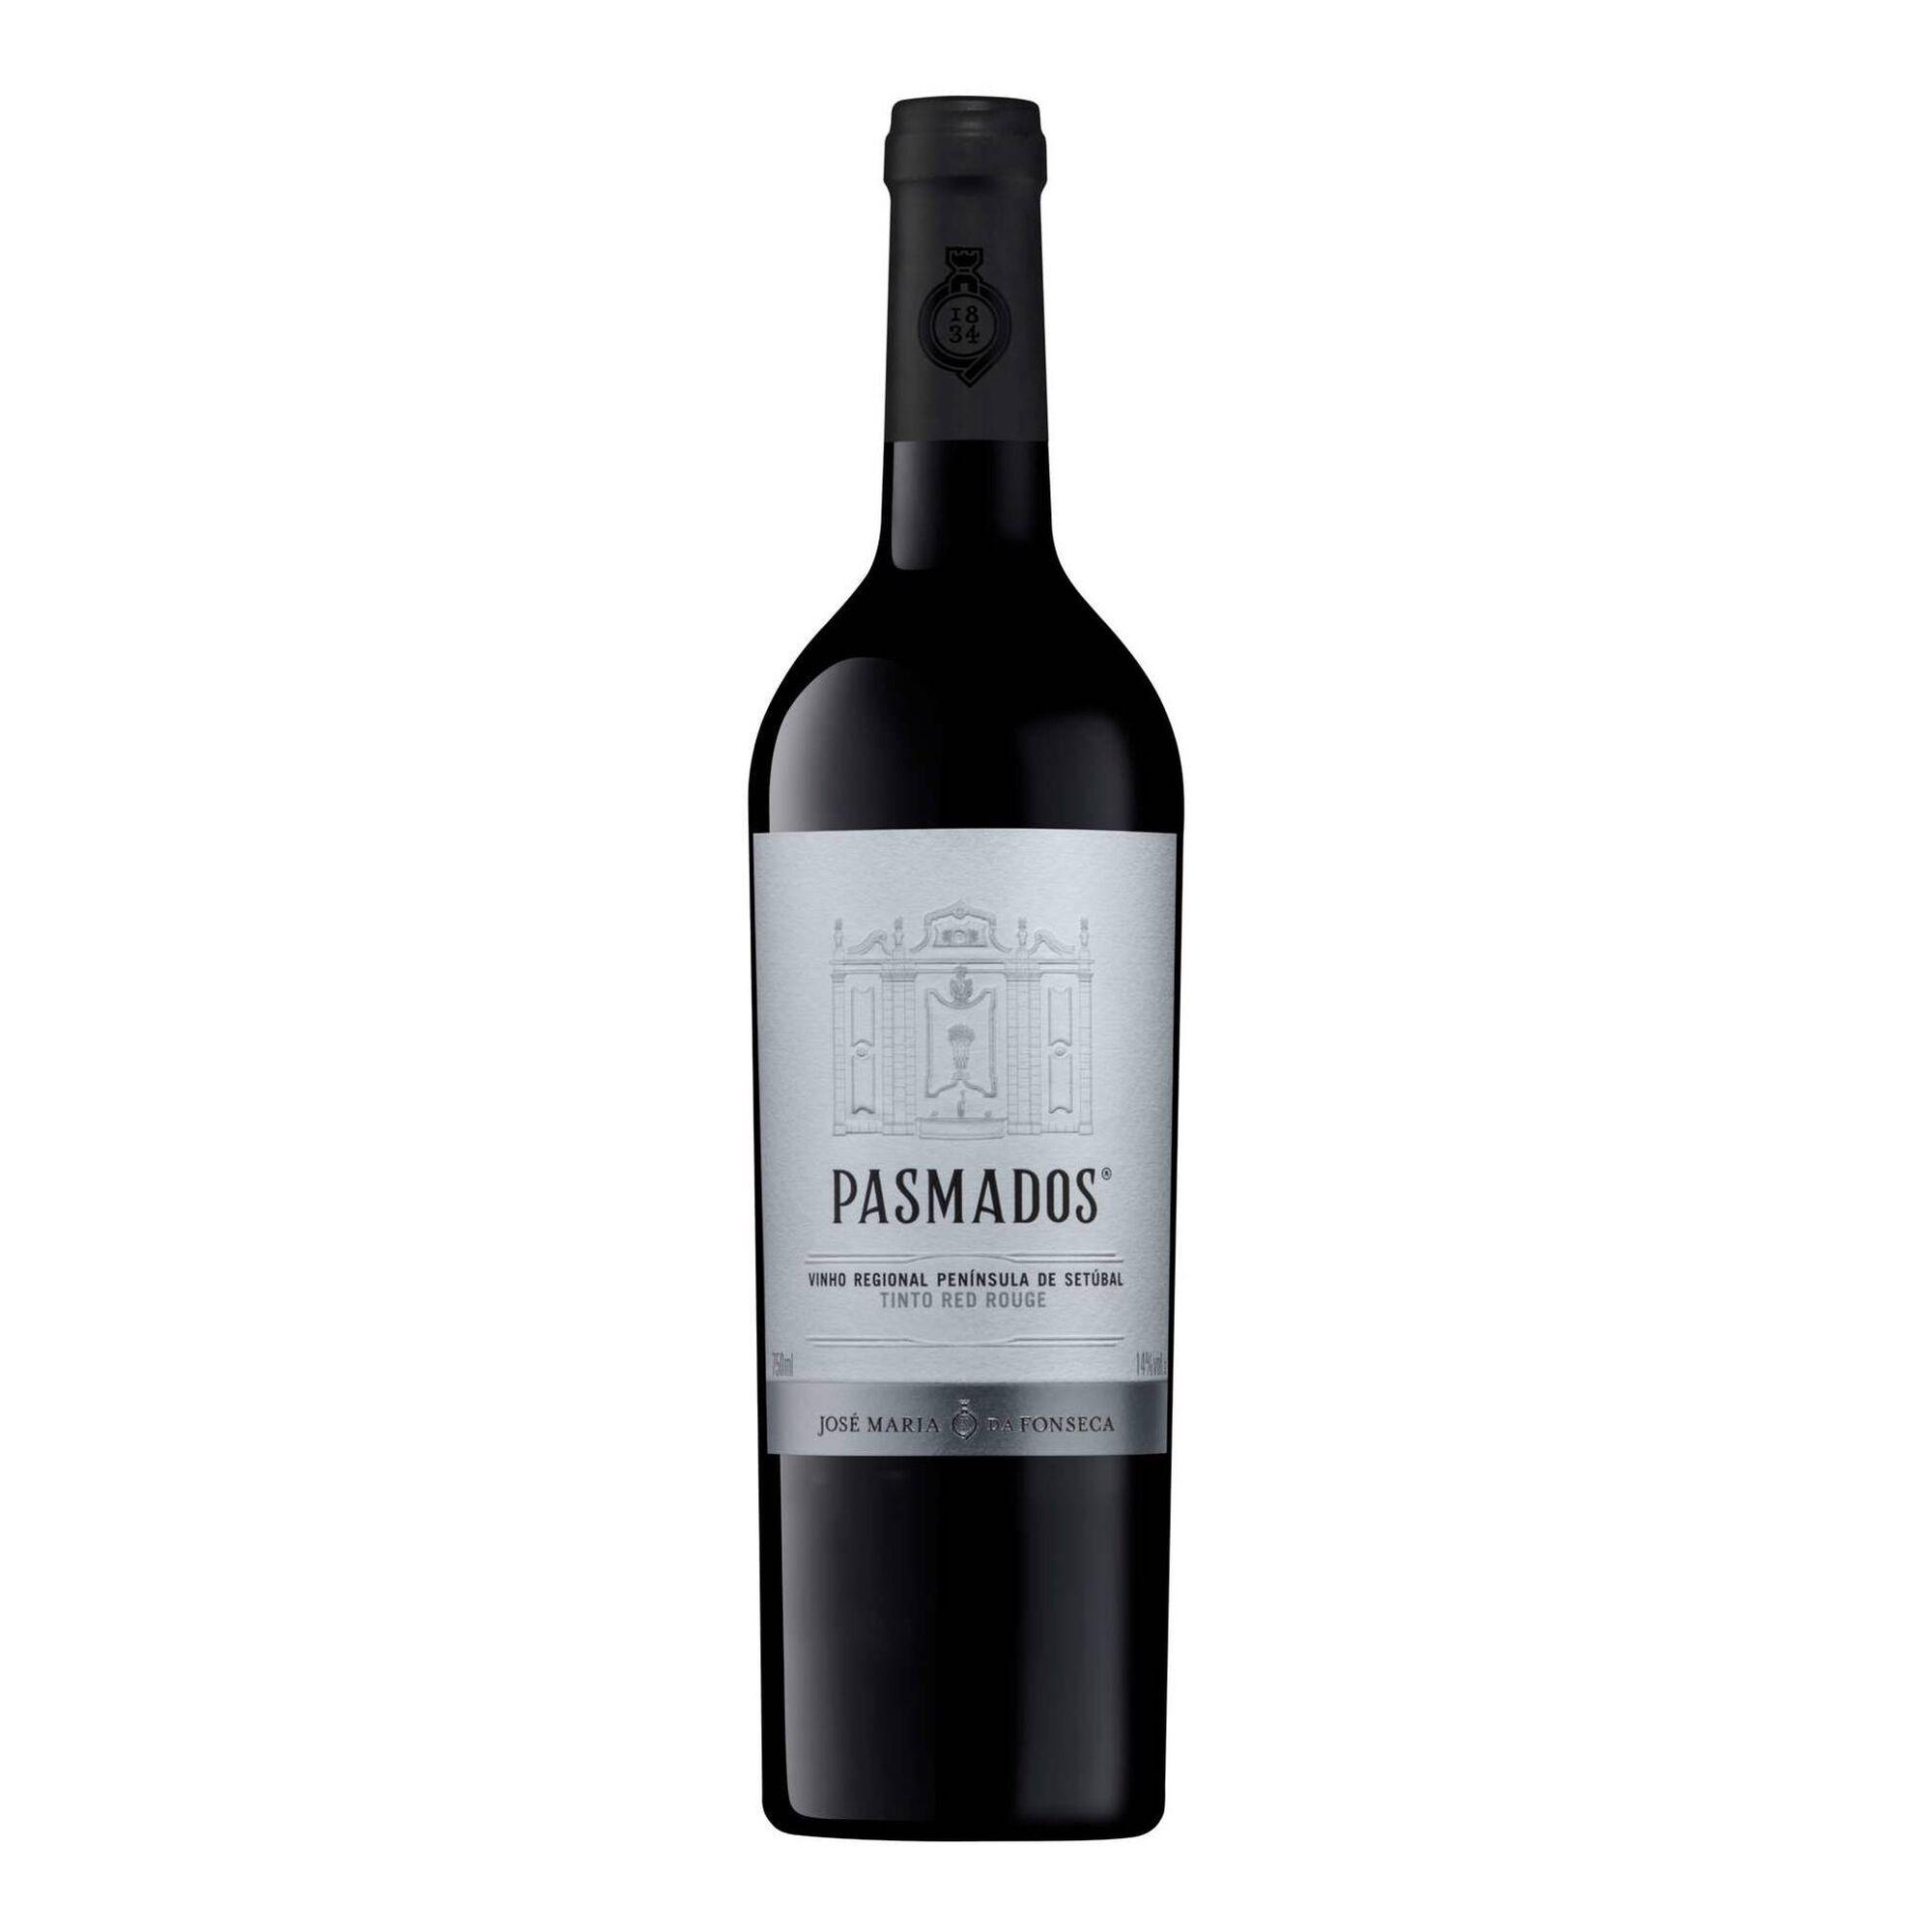 Pasmados Regional Península de Setúbal Vinho Tinto